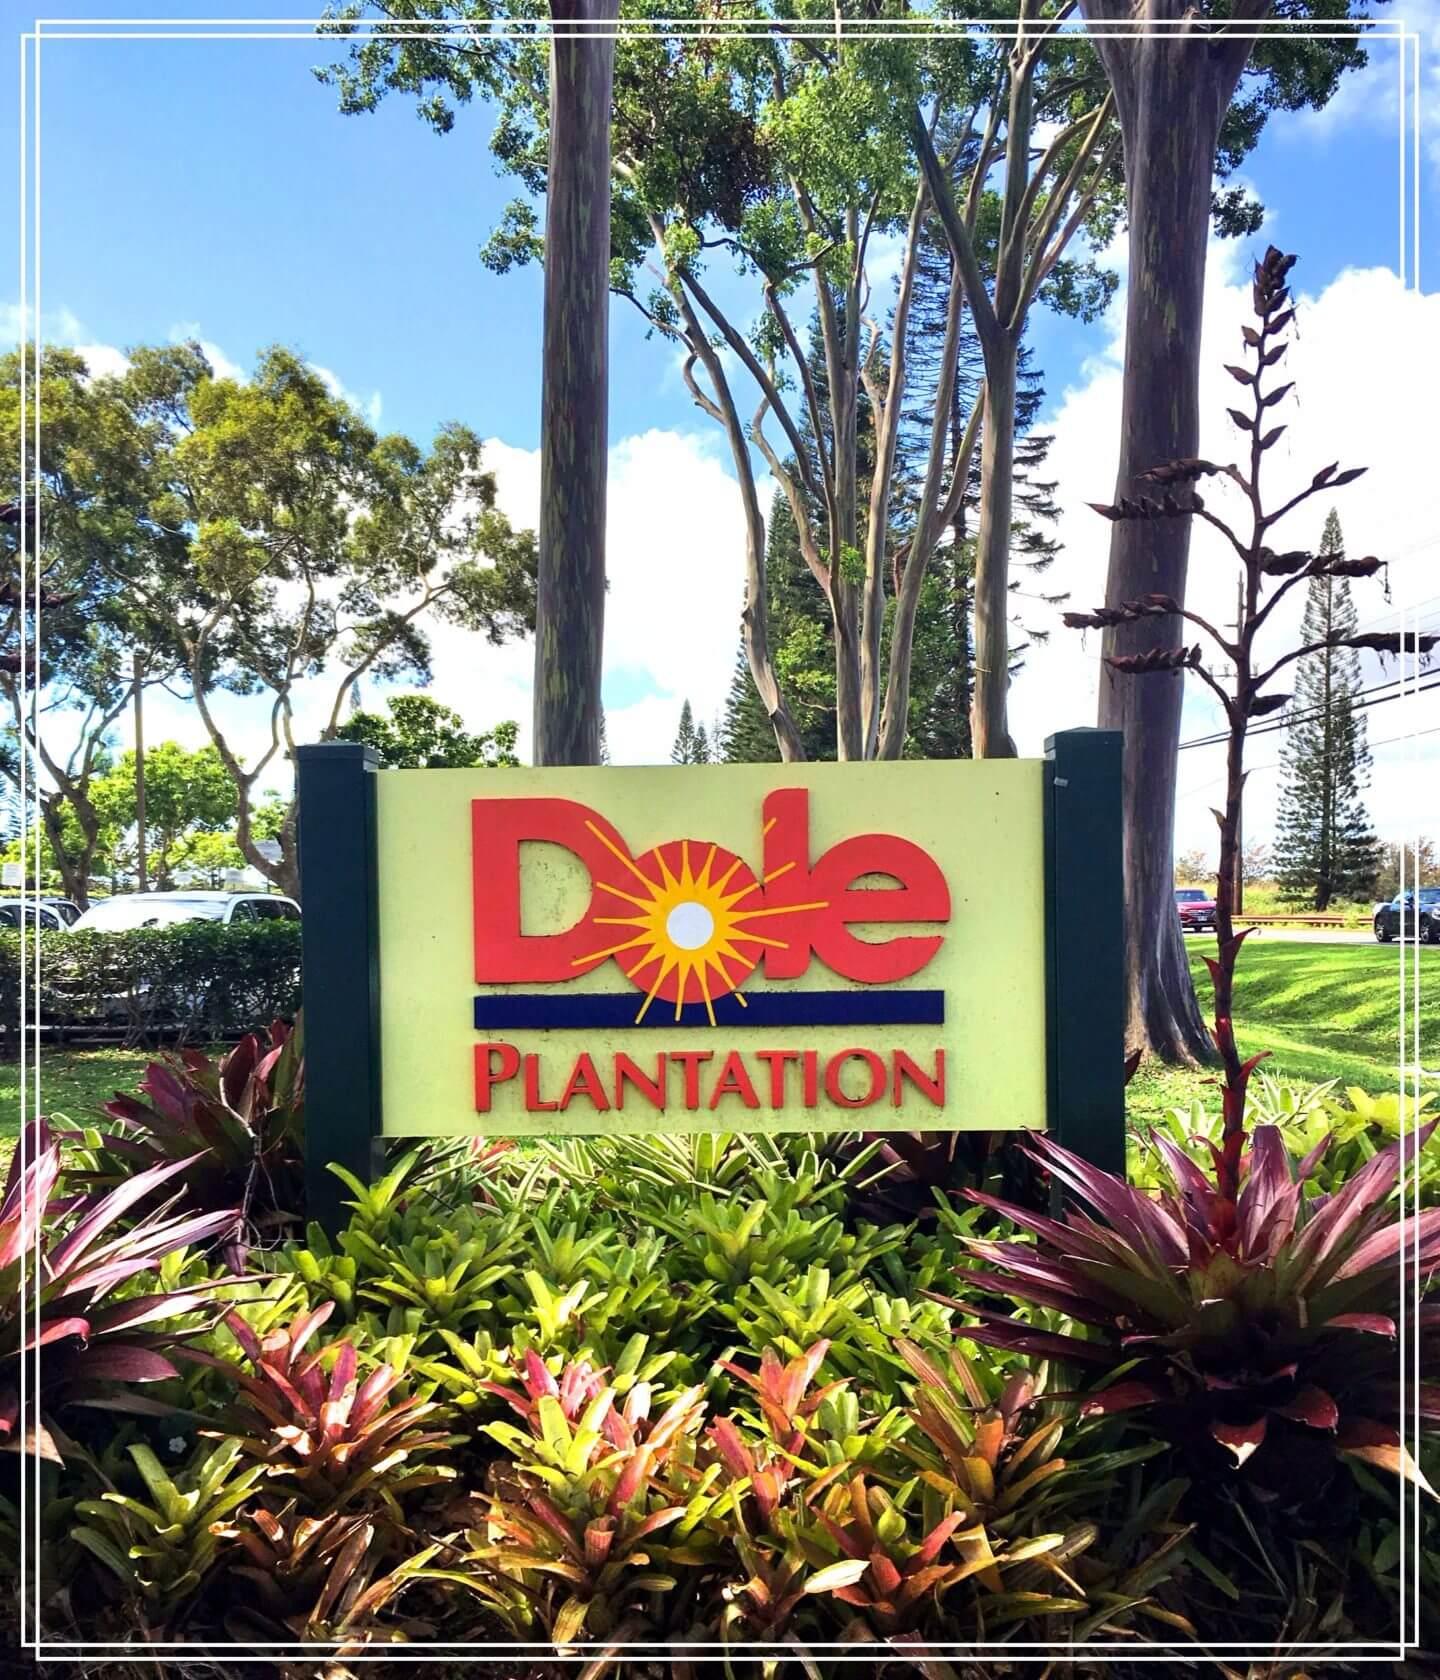 Oahu's Dole Plantation